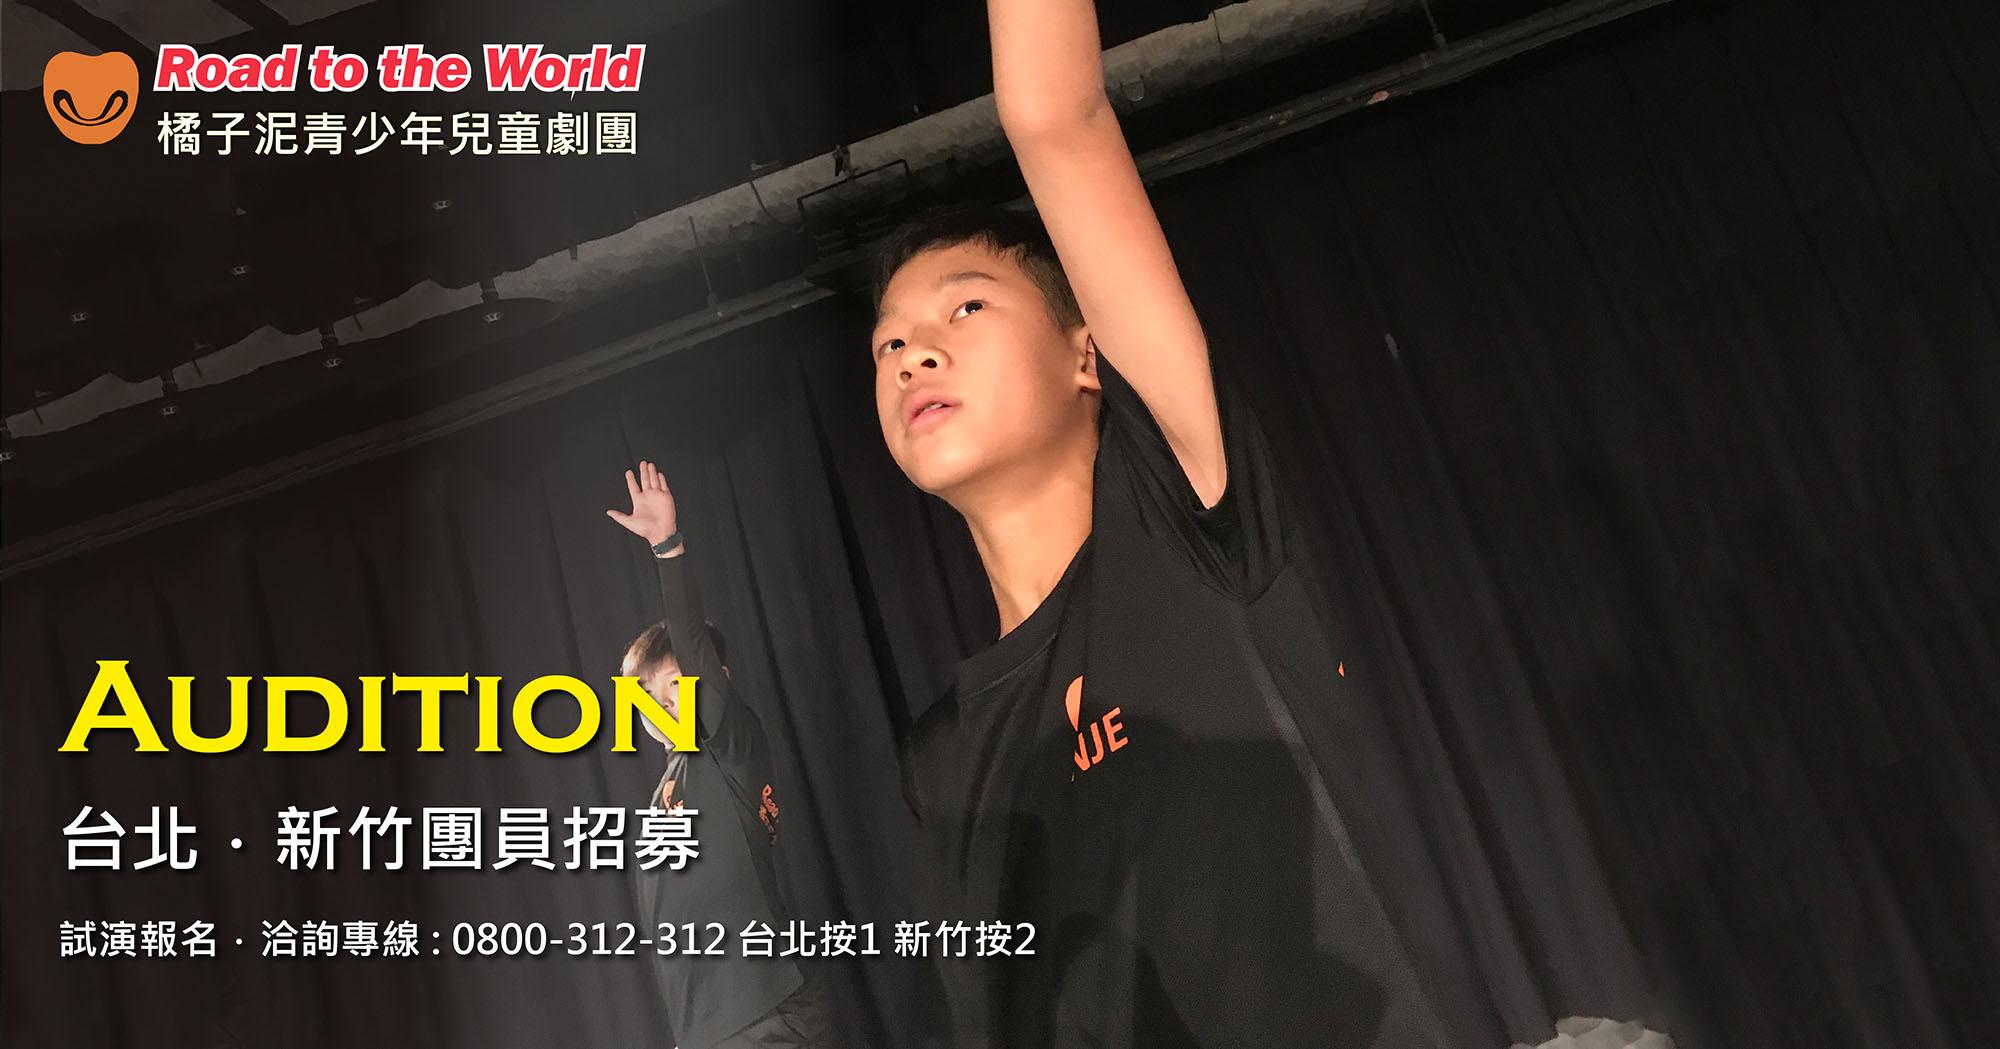 橘子泥青少年兒童劇團–台北、新竹團員招募公告 Audition試演 開放報名